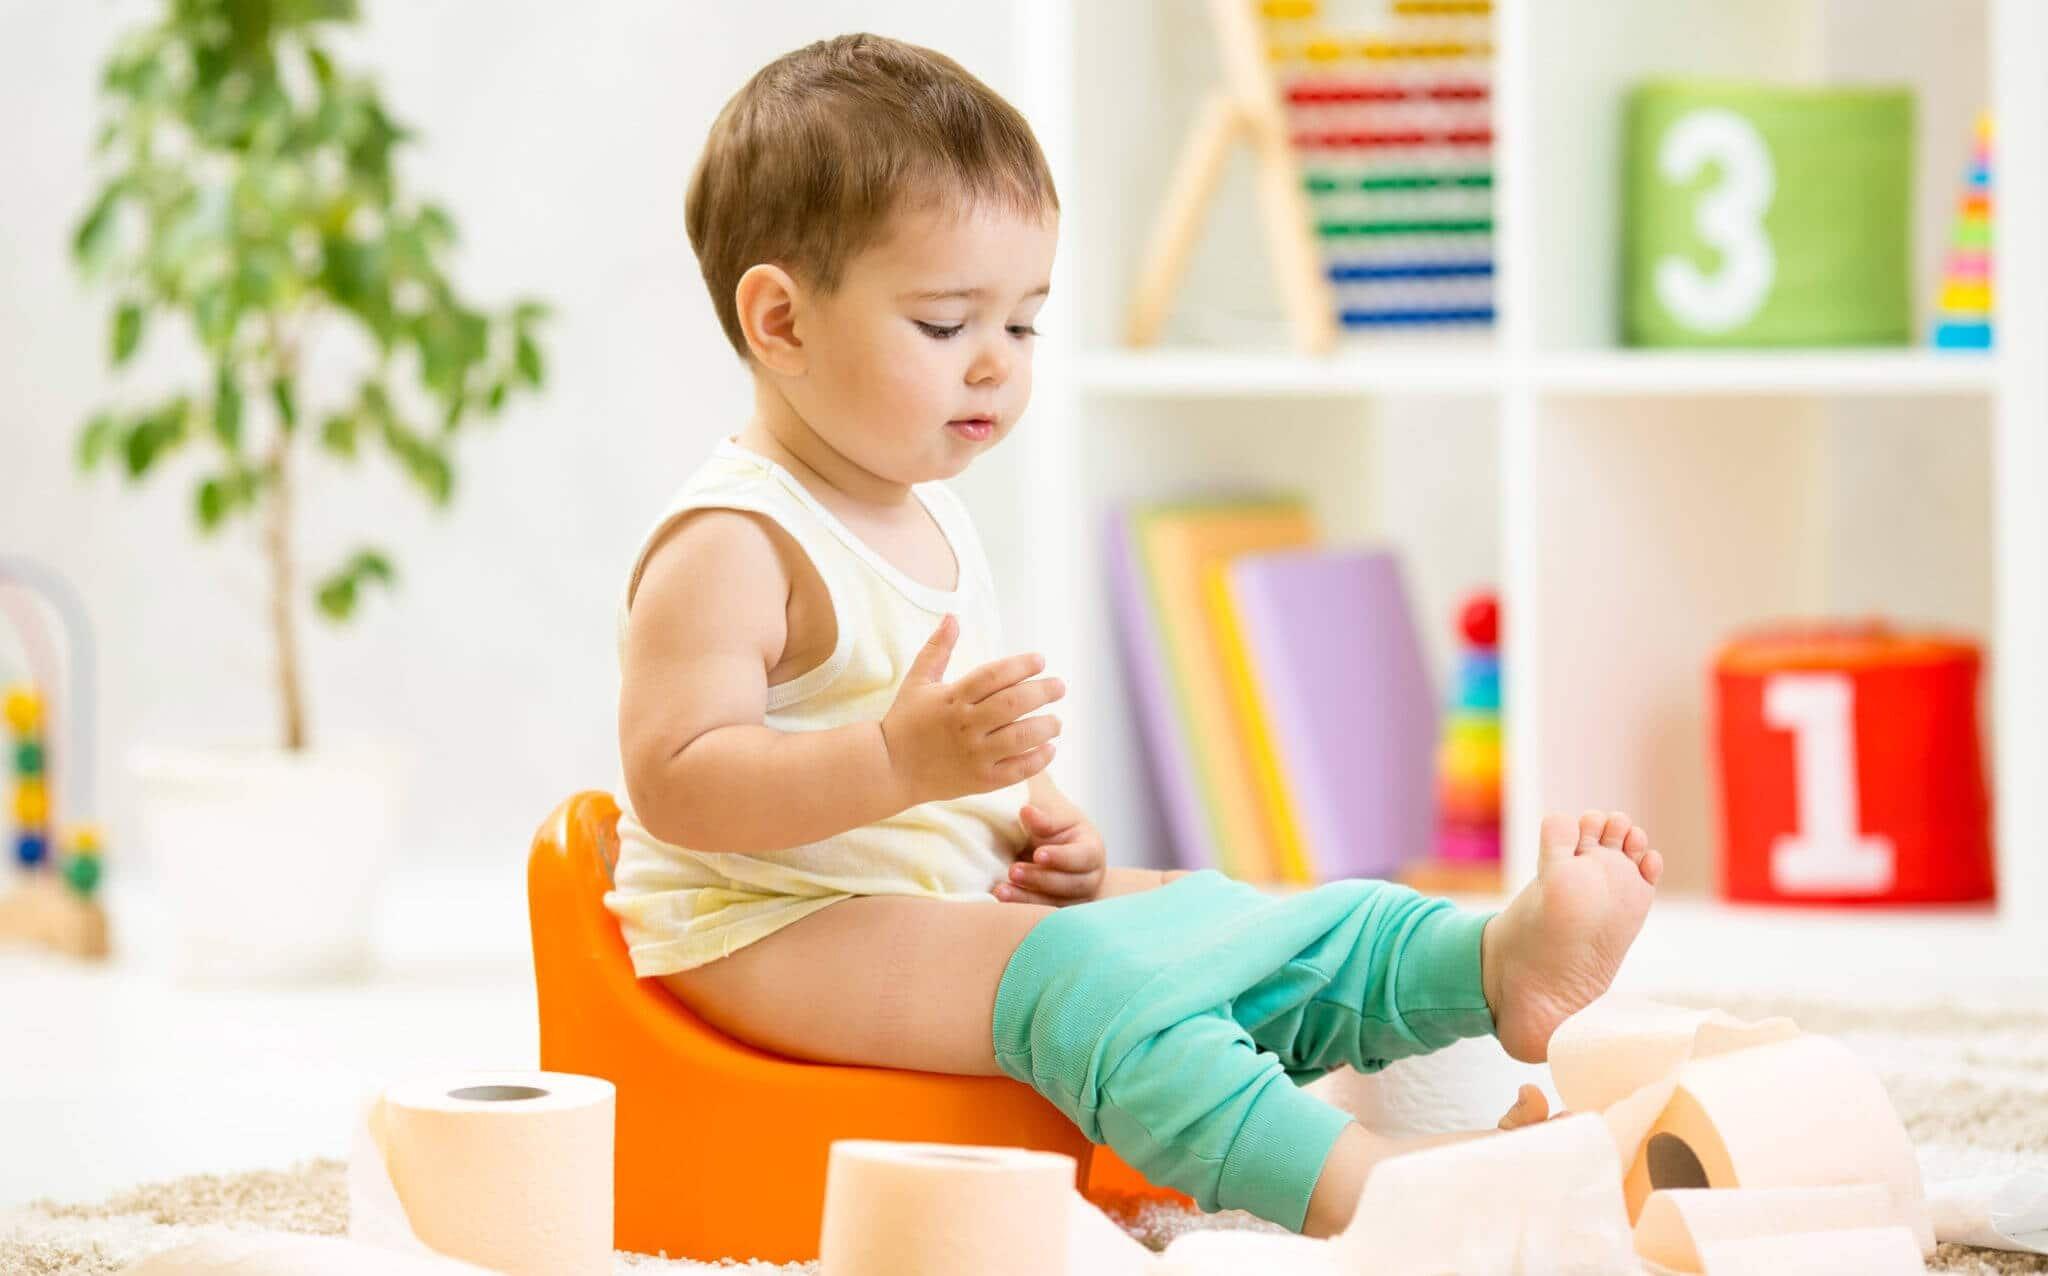 Как быстро и эффективно отучить ребенка от памперсов - рекомендации когда и как эффективно приучить детей к горшку (80 фото и видео урок)